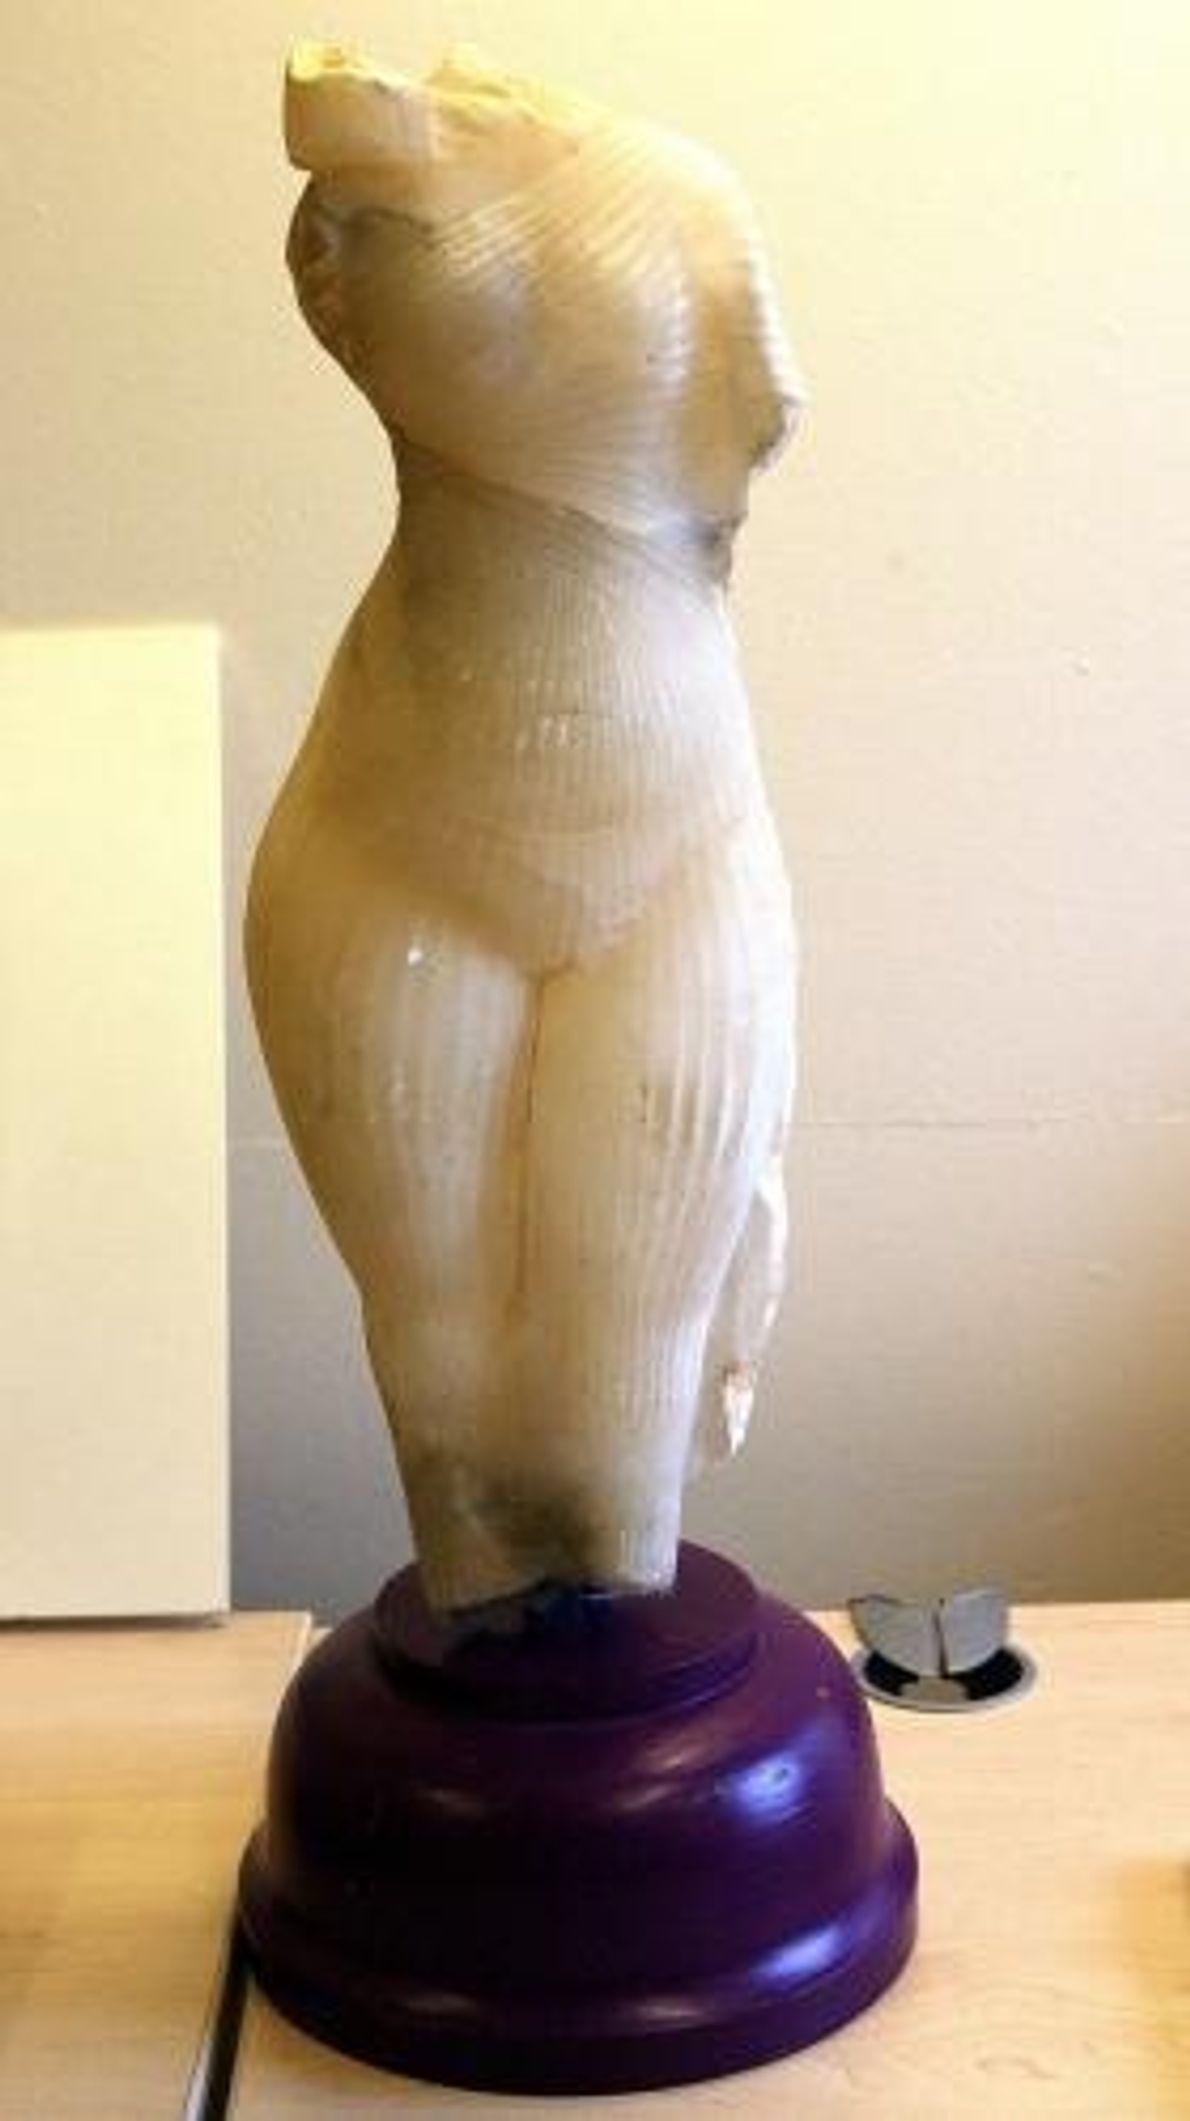 En 2002, les Greenhalgh, une famille de faussaires d'art, ont convaincu le Bolton Museum d'acheter cette ...